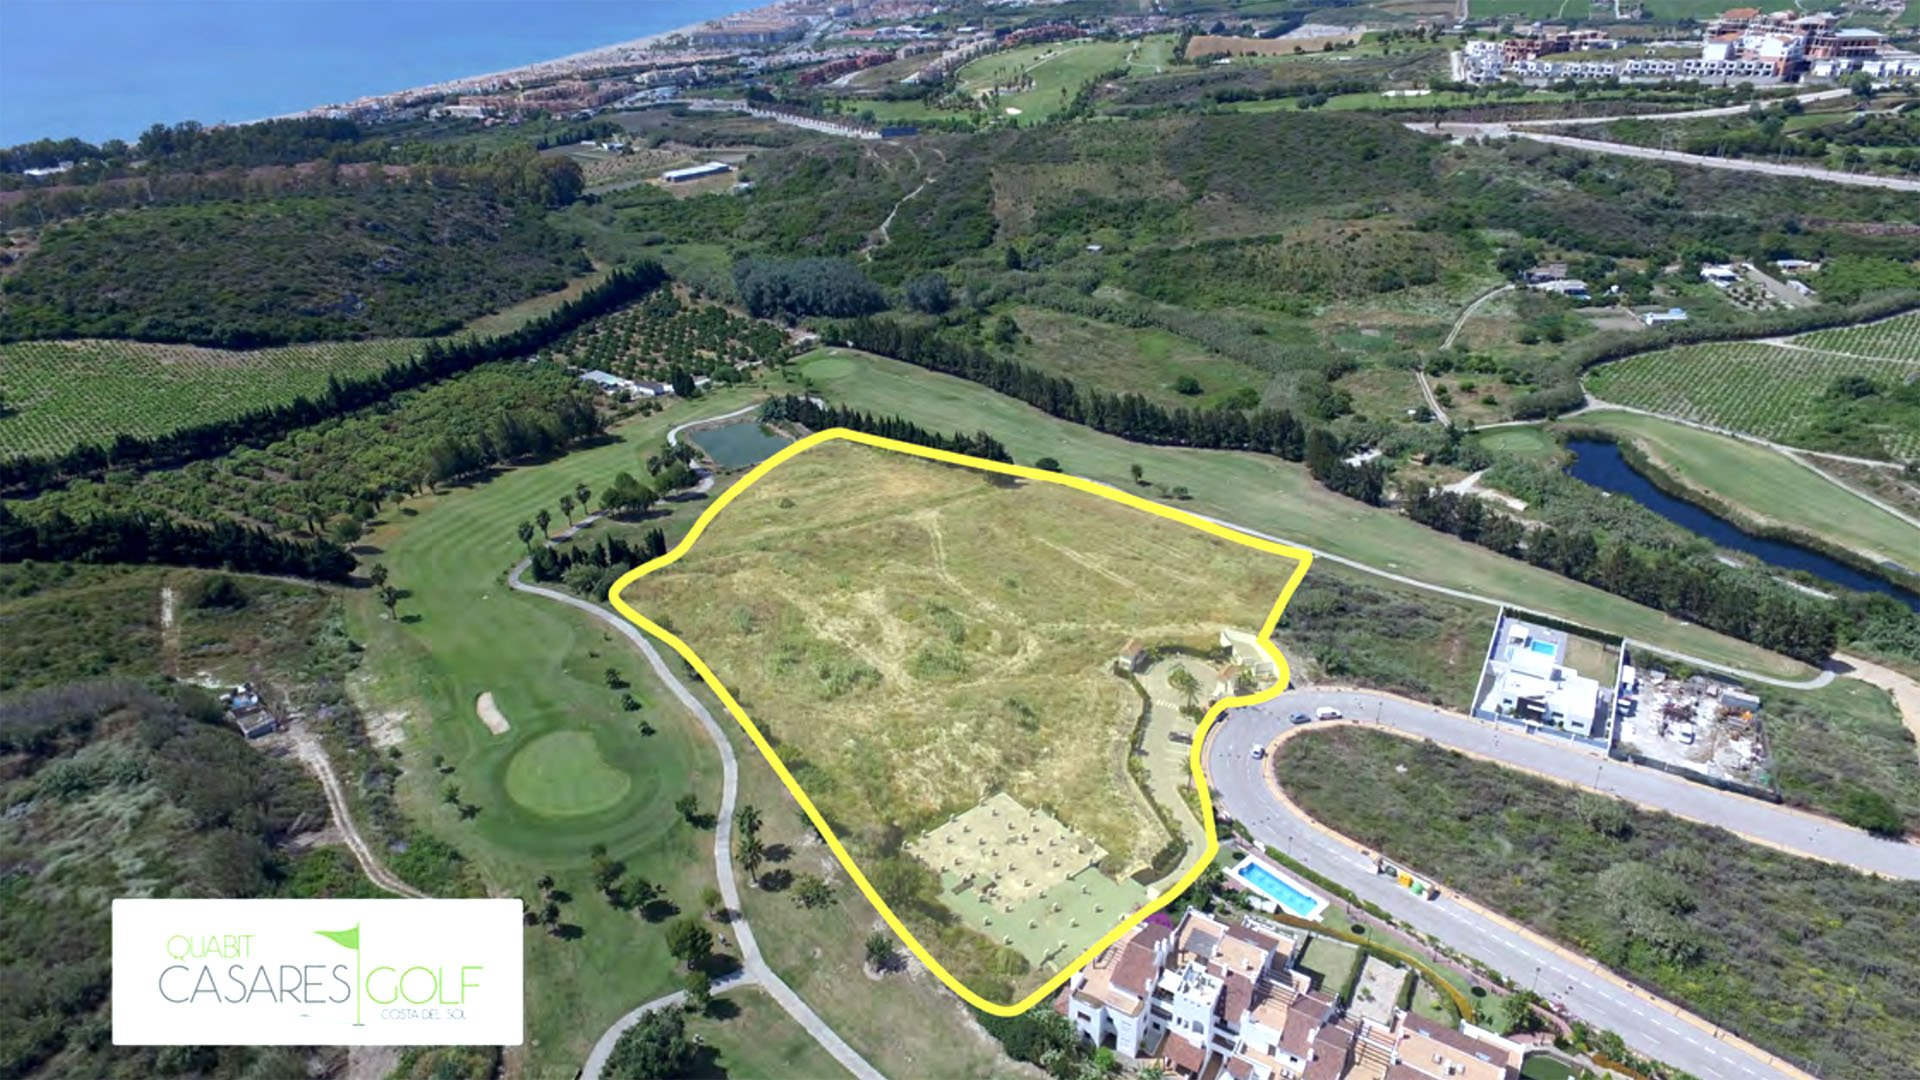 Casares Golf: Exclusief project verweven in de heuvels en golf baan